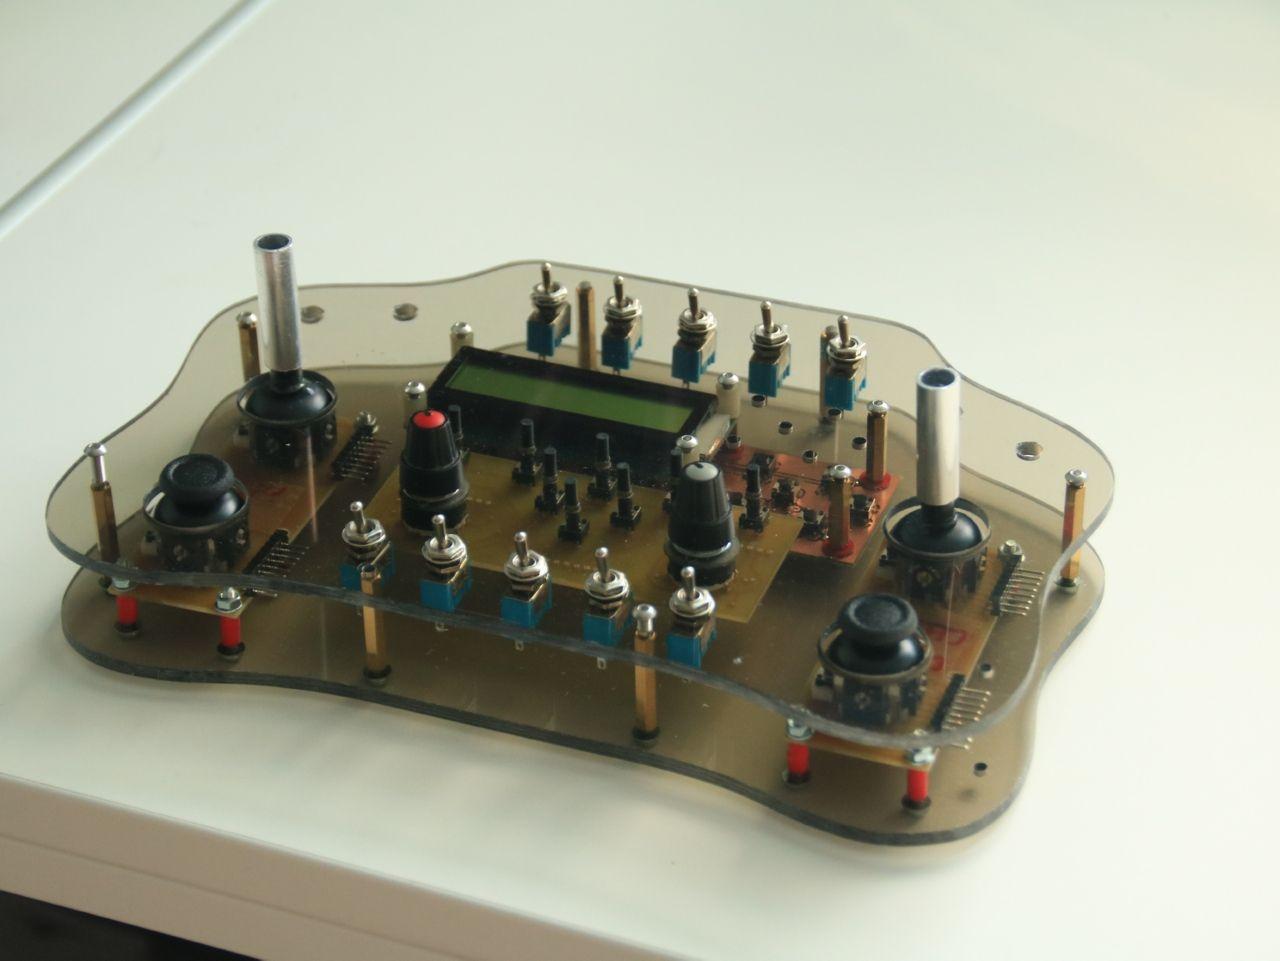 DIY Arduino RC Transmitter/Controller | elektronika in 2019 | Diy